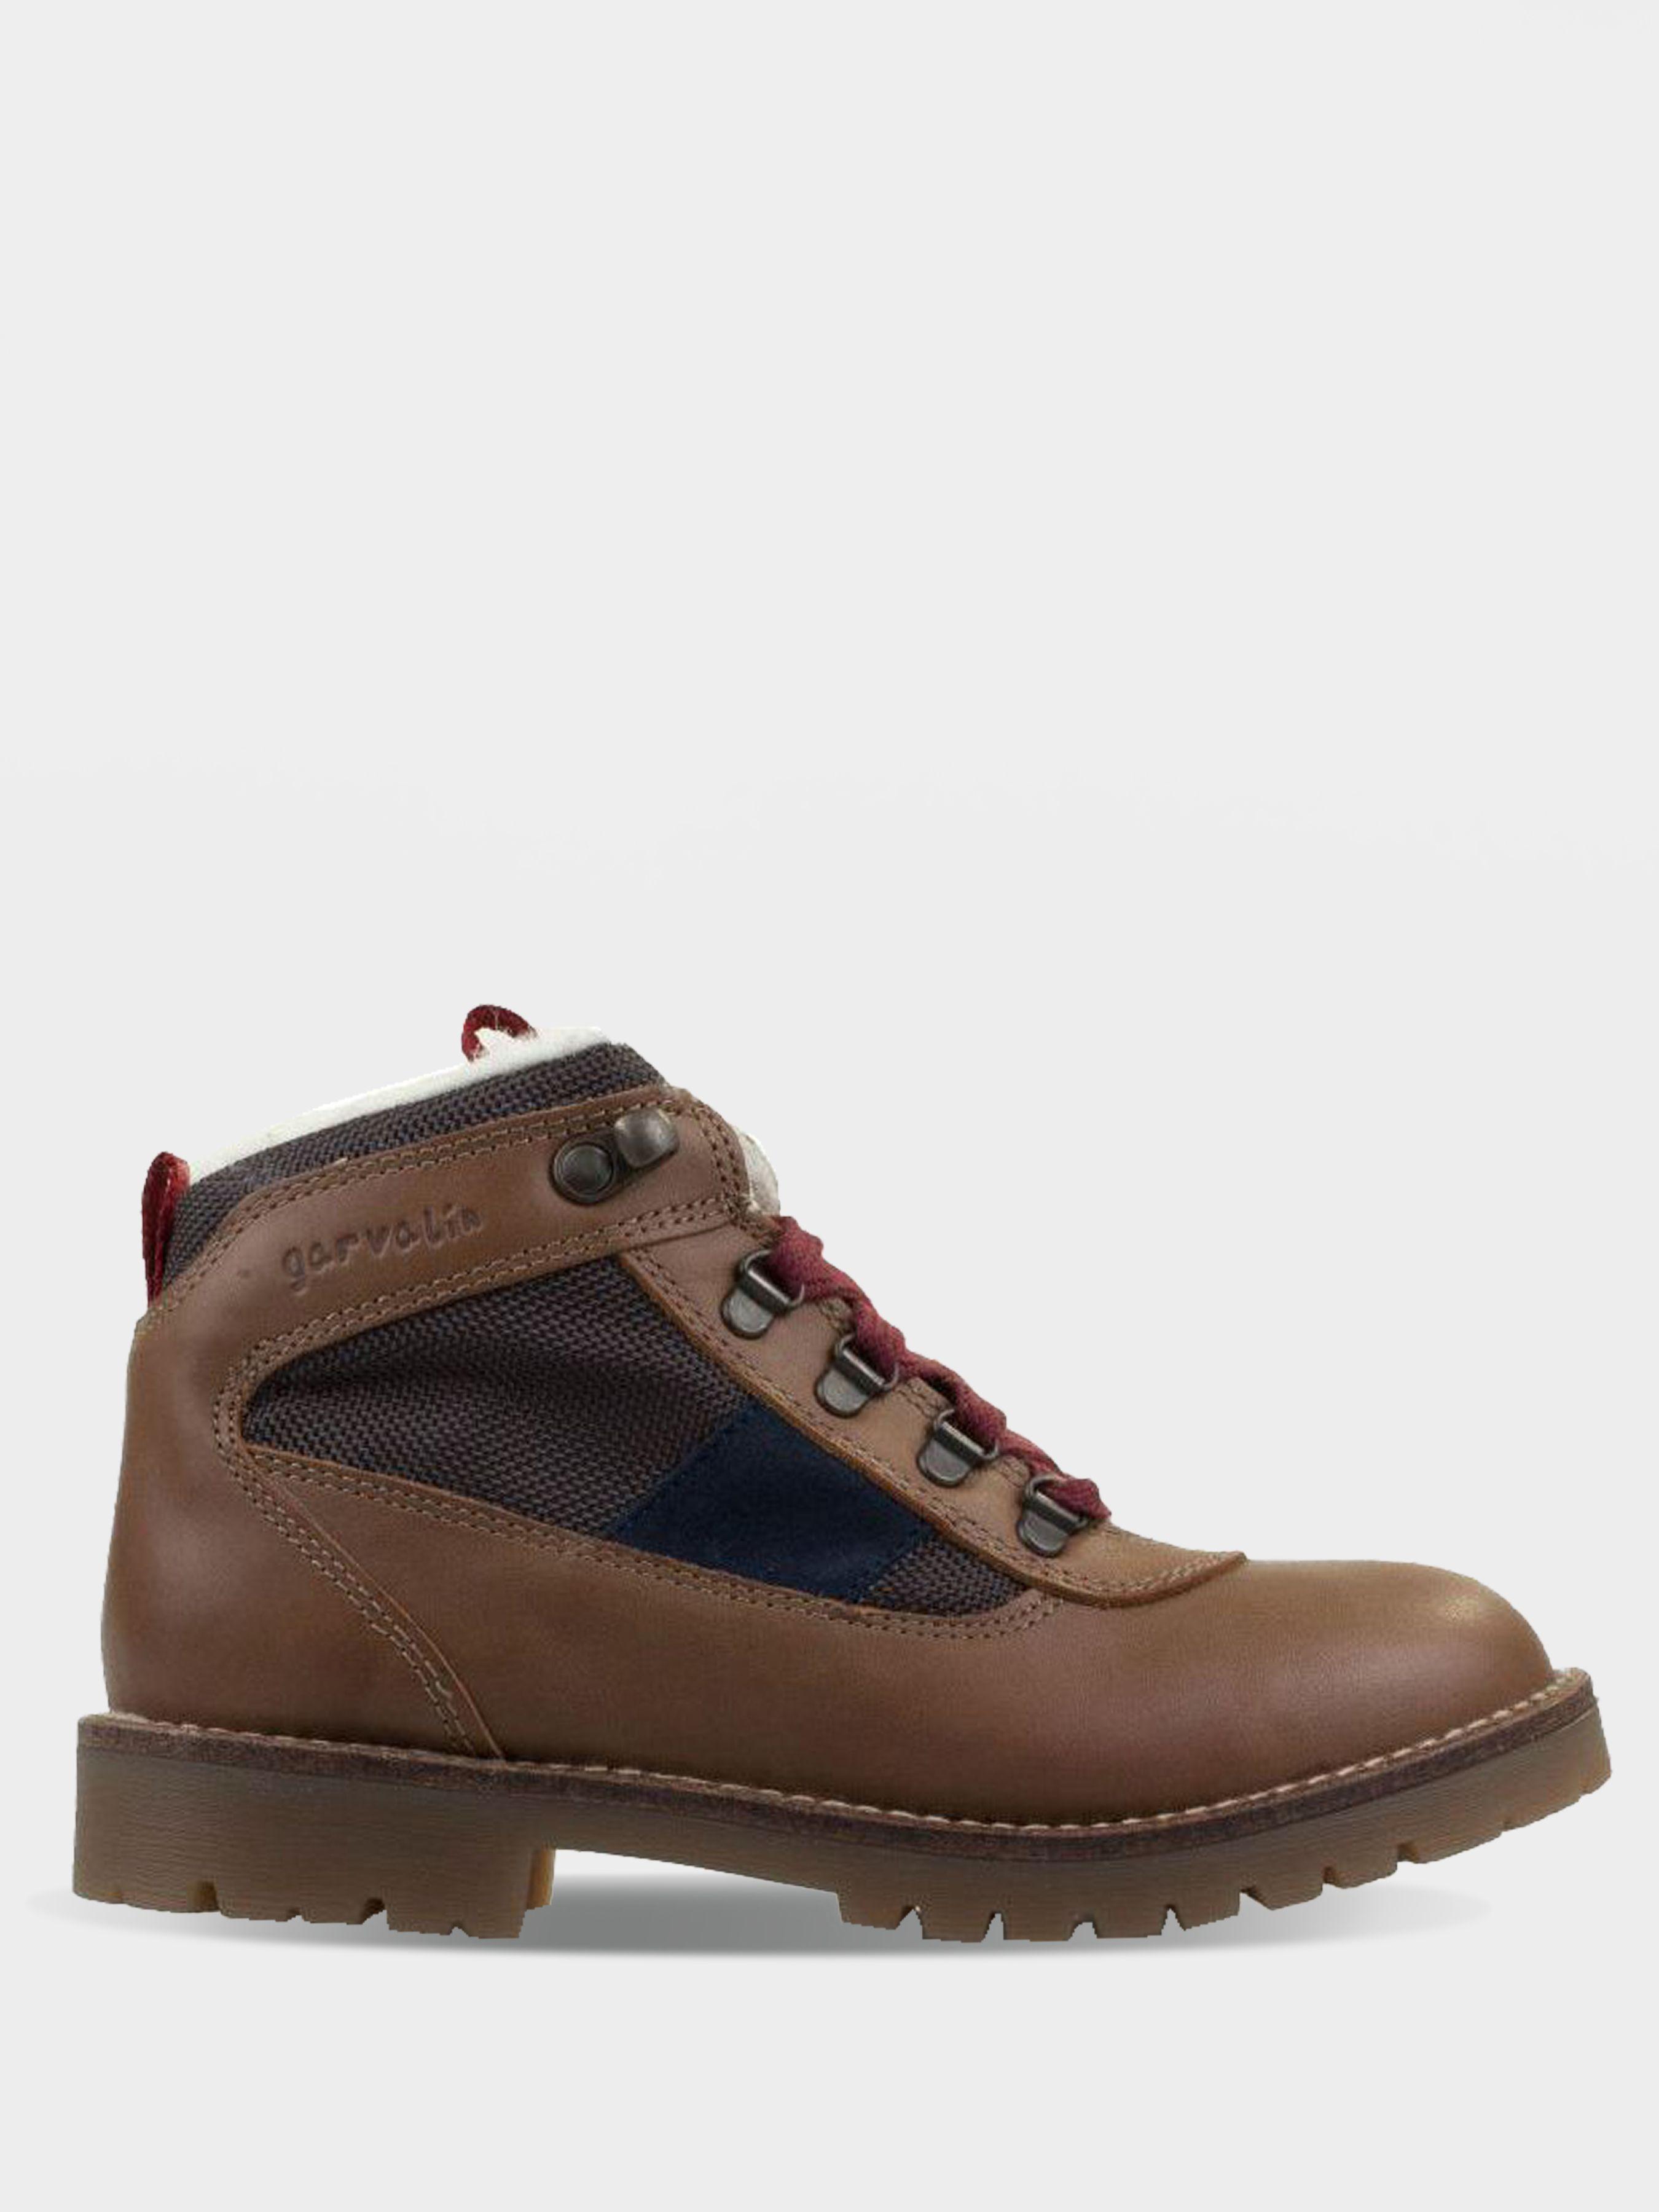 Ботинки для детей Garvalin GL520 брендовые, 2017